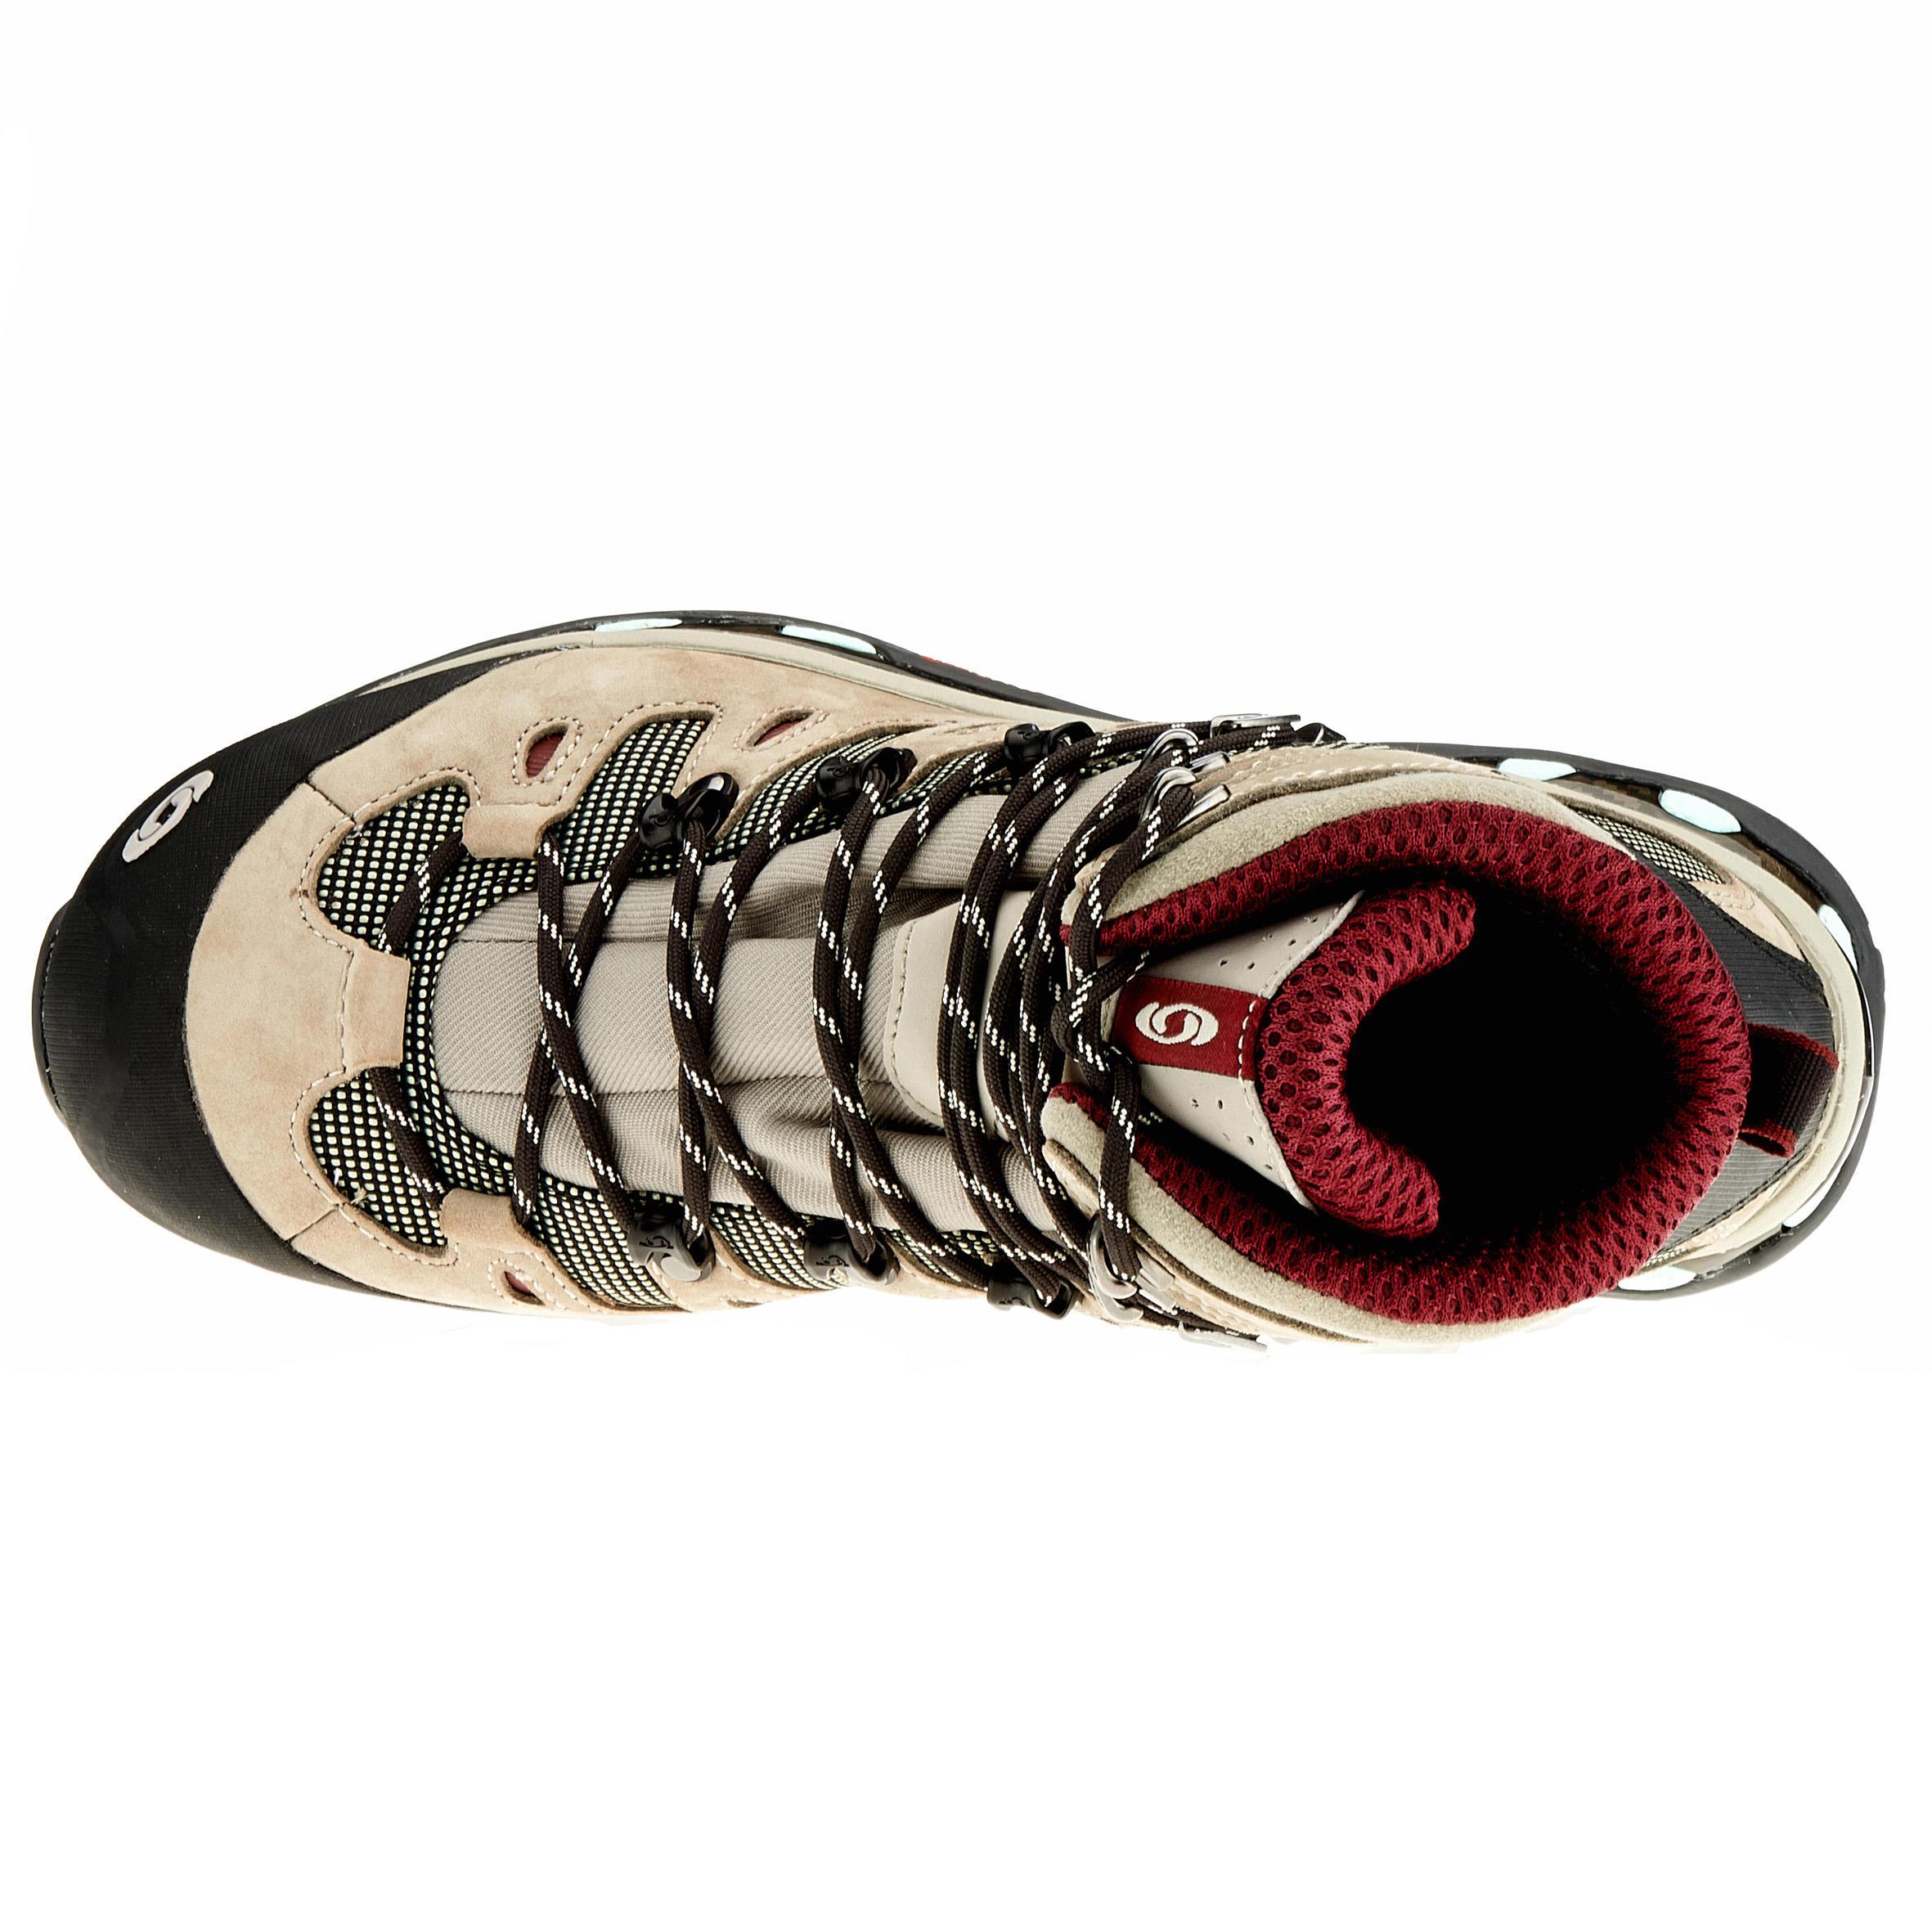 4d Randonnée Femme Quest Tige Gore De Tex Haute Salomon Chaussures HIWE29D